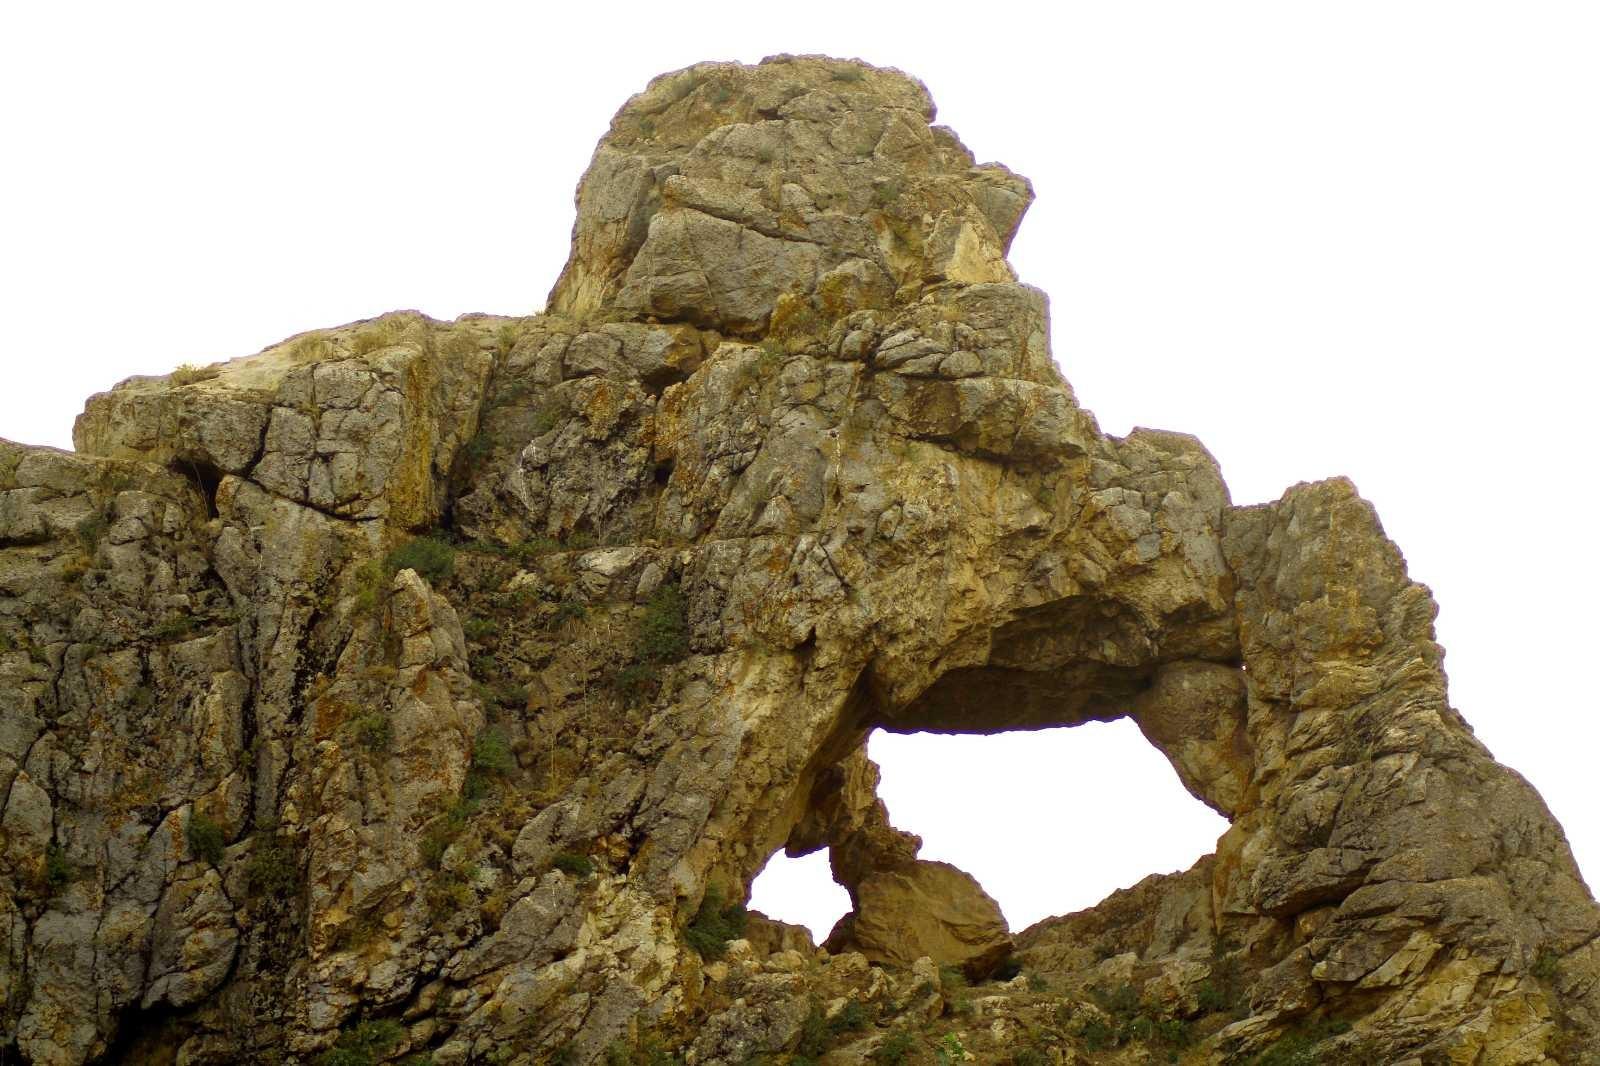 Yüksekova'da 'Düşünen Maymun' figürlü kayalık şaşırtıyor #hakkari